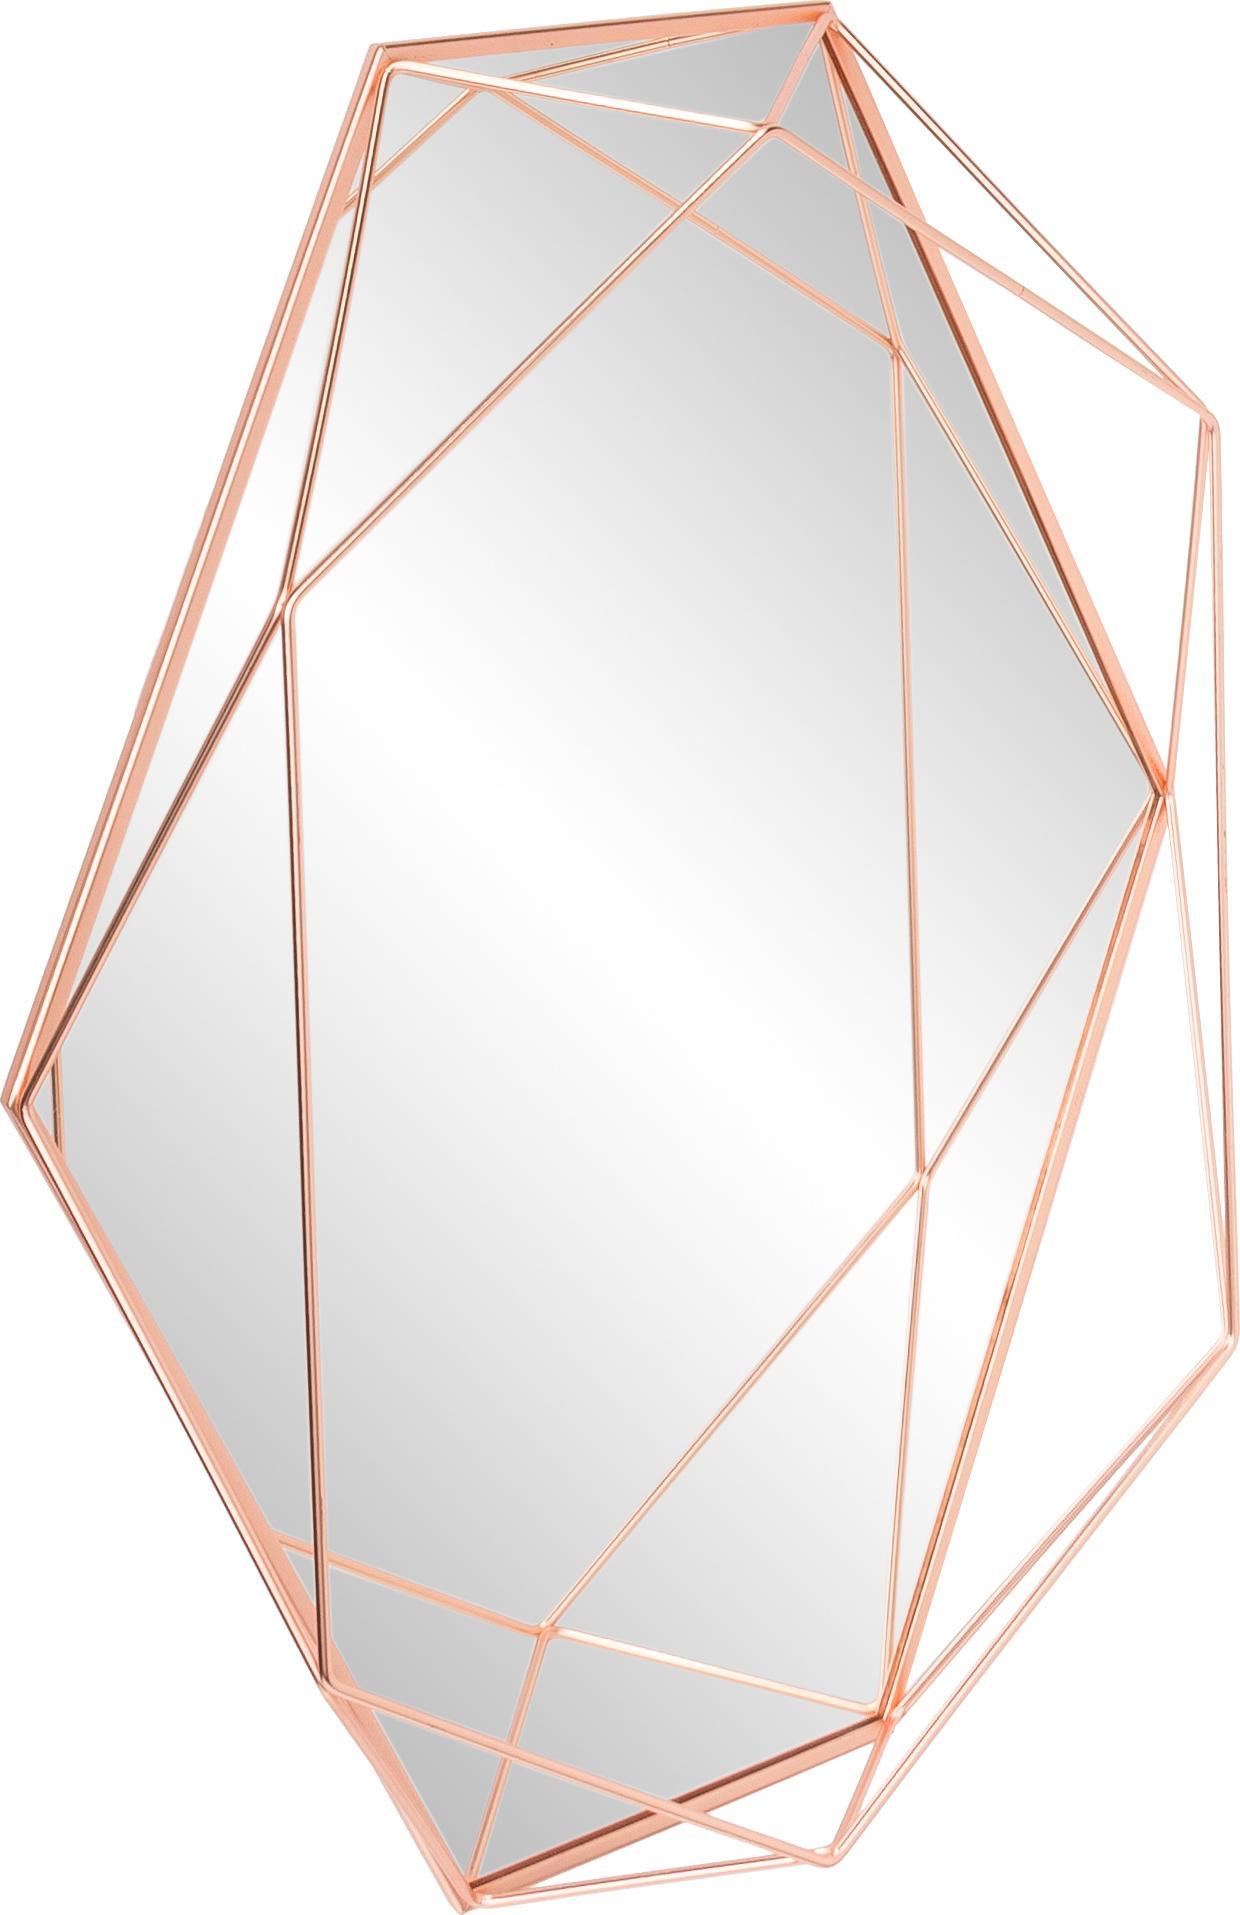 Owalne lustro ścienne Prisma, Miedź, S 43 x W 57 cm